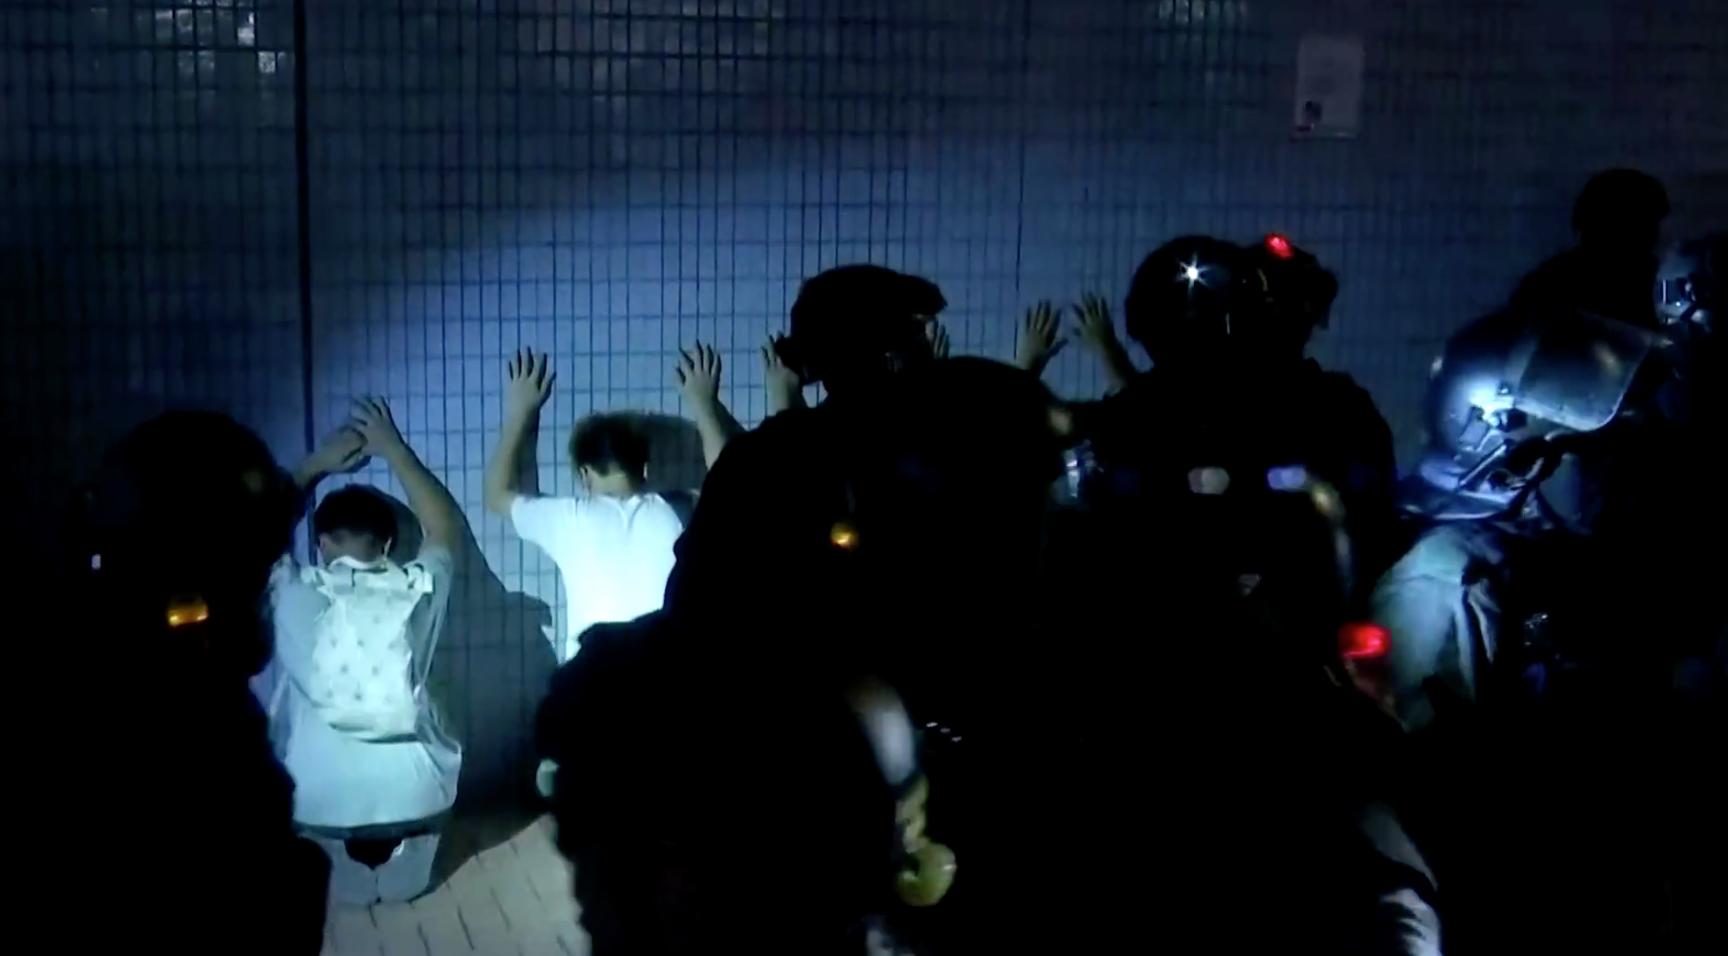 Cảnh sát Hồng Kông bắt giữ nhà làm phim đứng sau cuộc điều tra về vụ tấn công Yuen Long